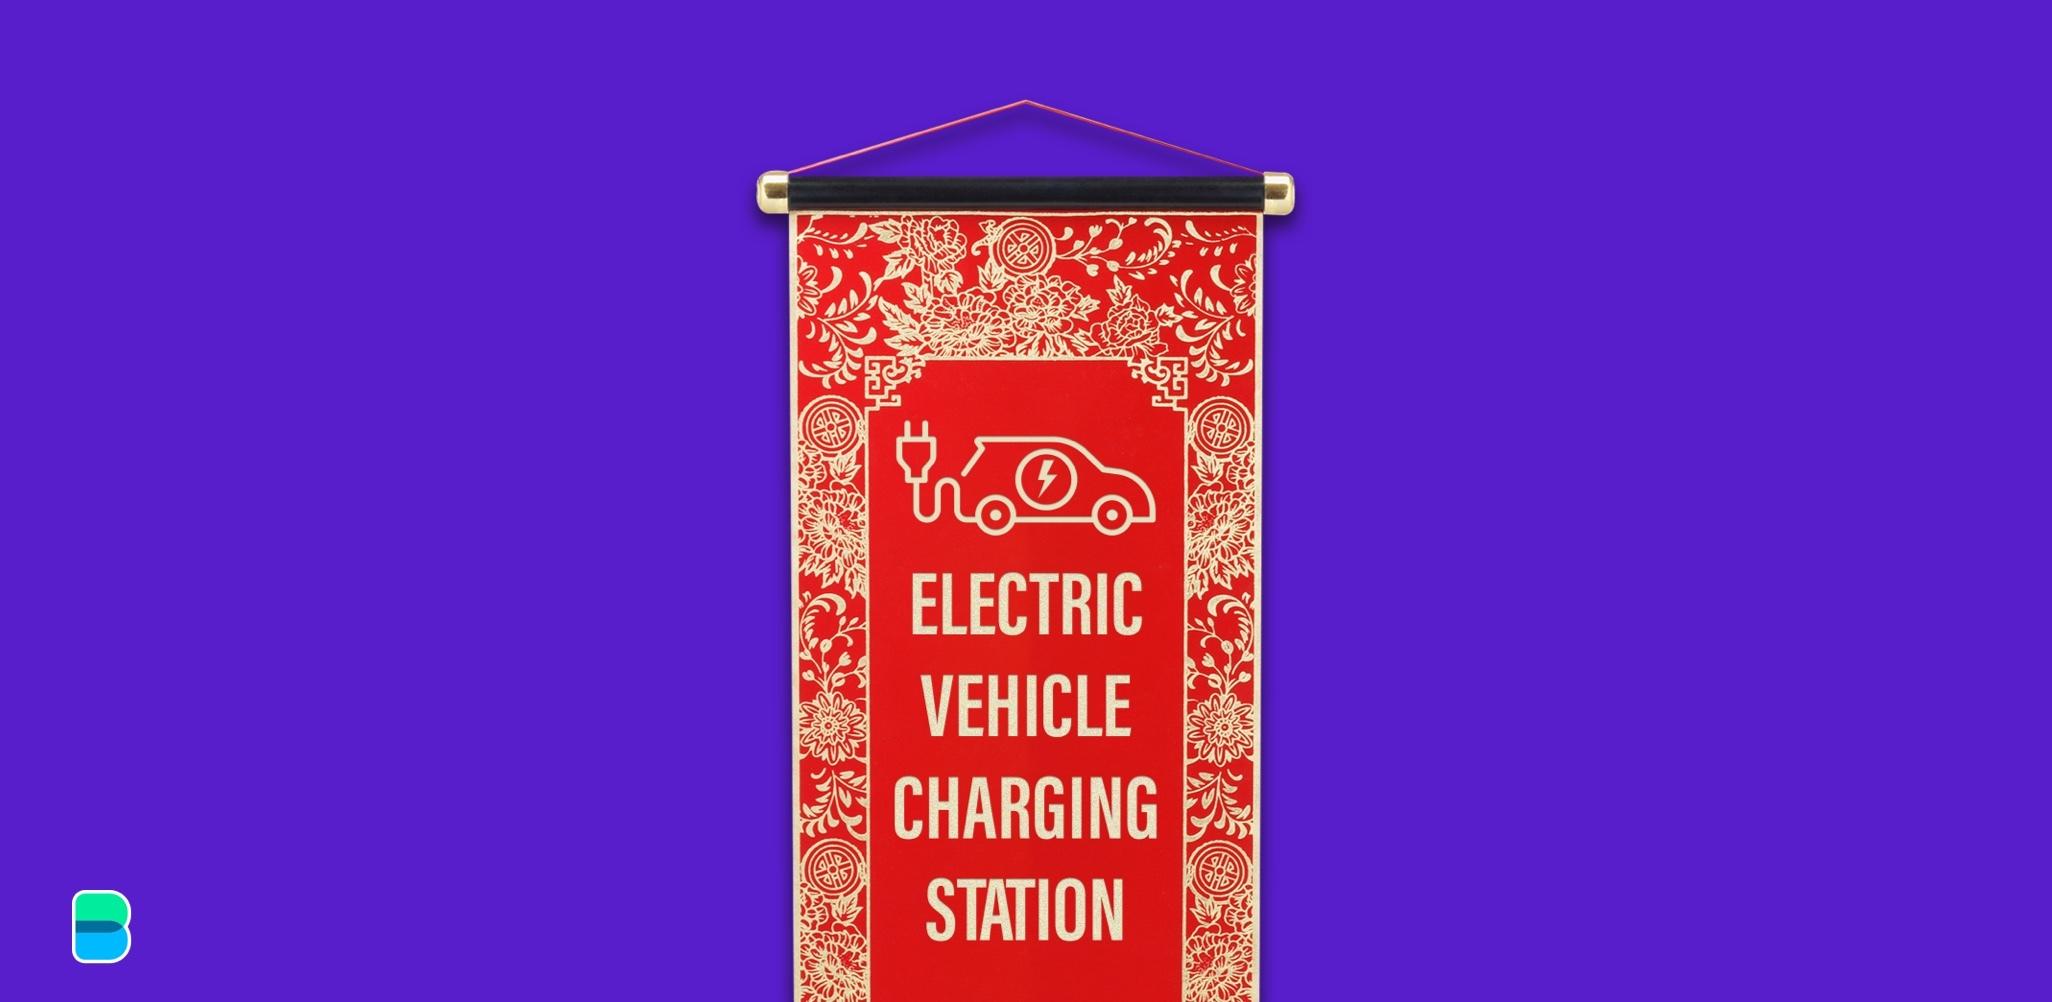 الأكبر هو الأفضل عندما يتعلق الأمر بشركات السيارات الكهربائية في الصين